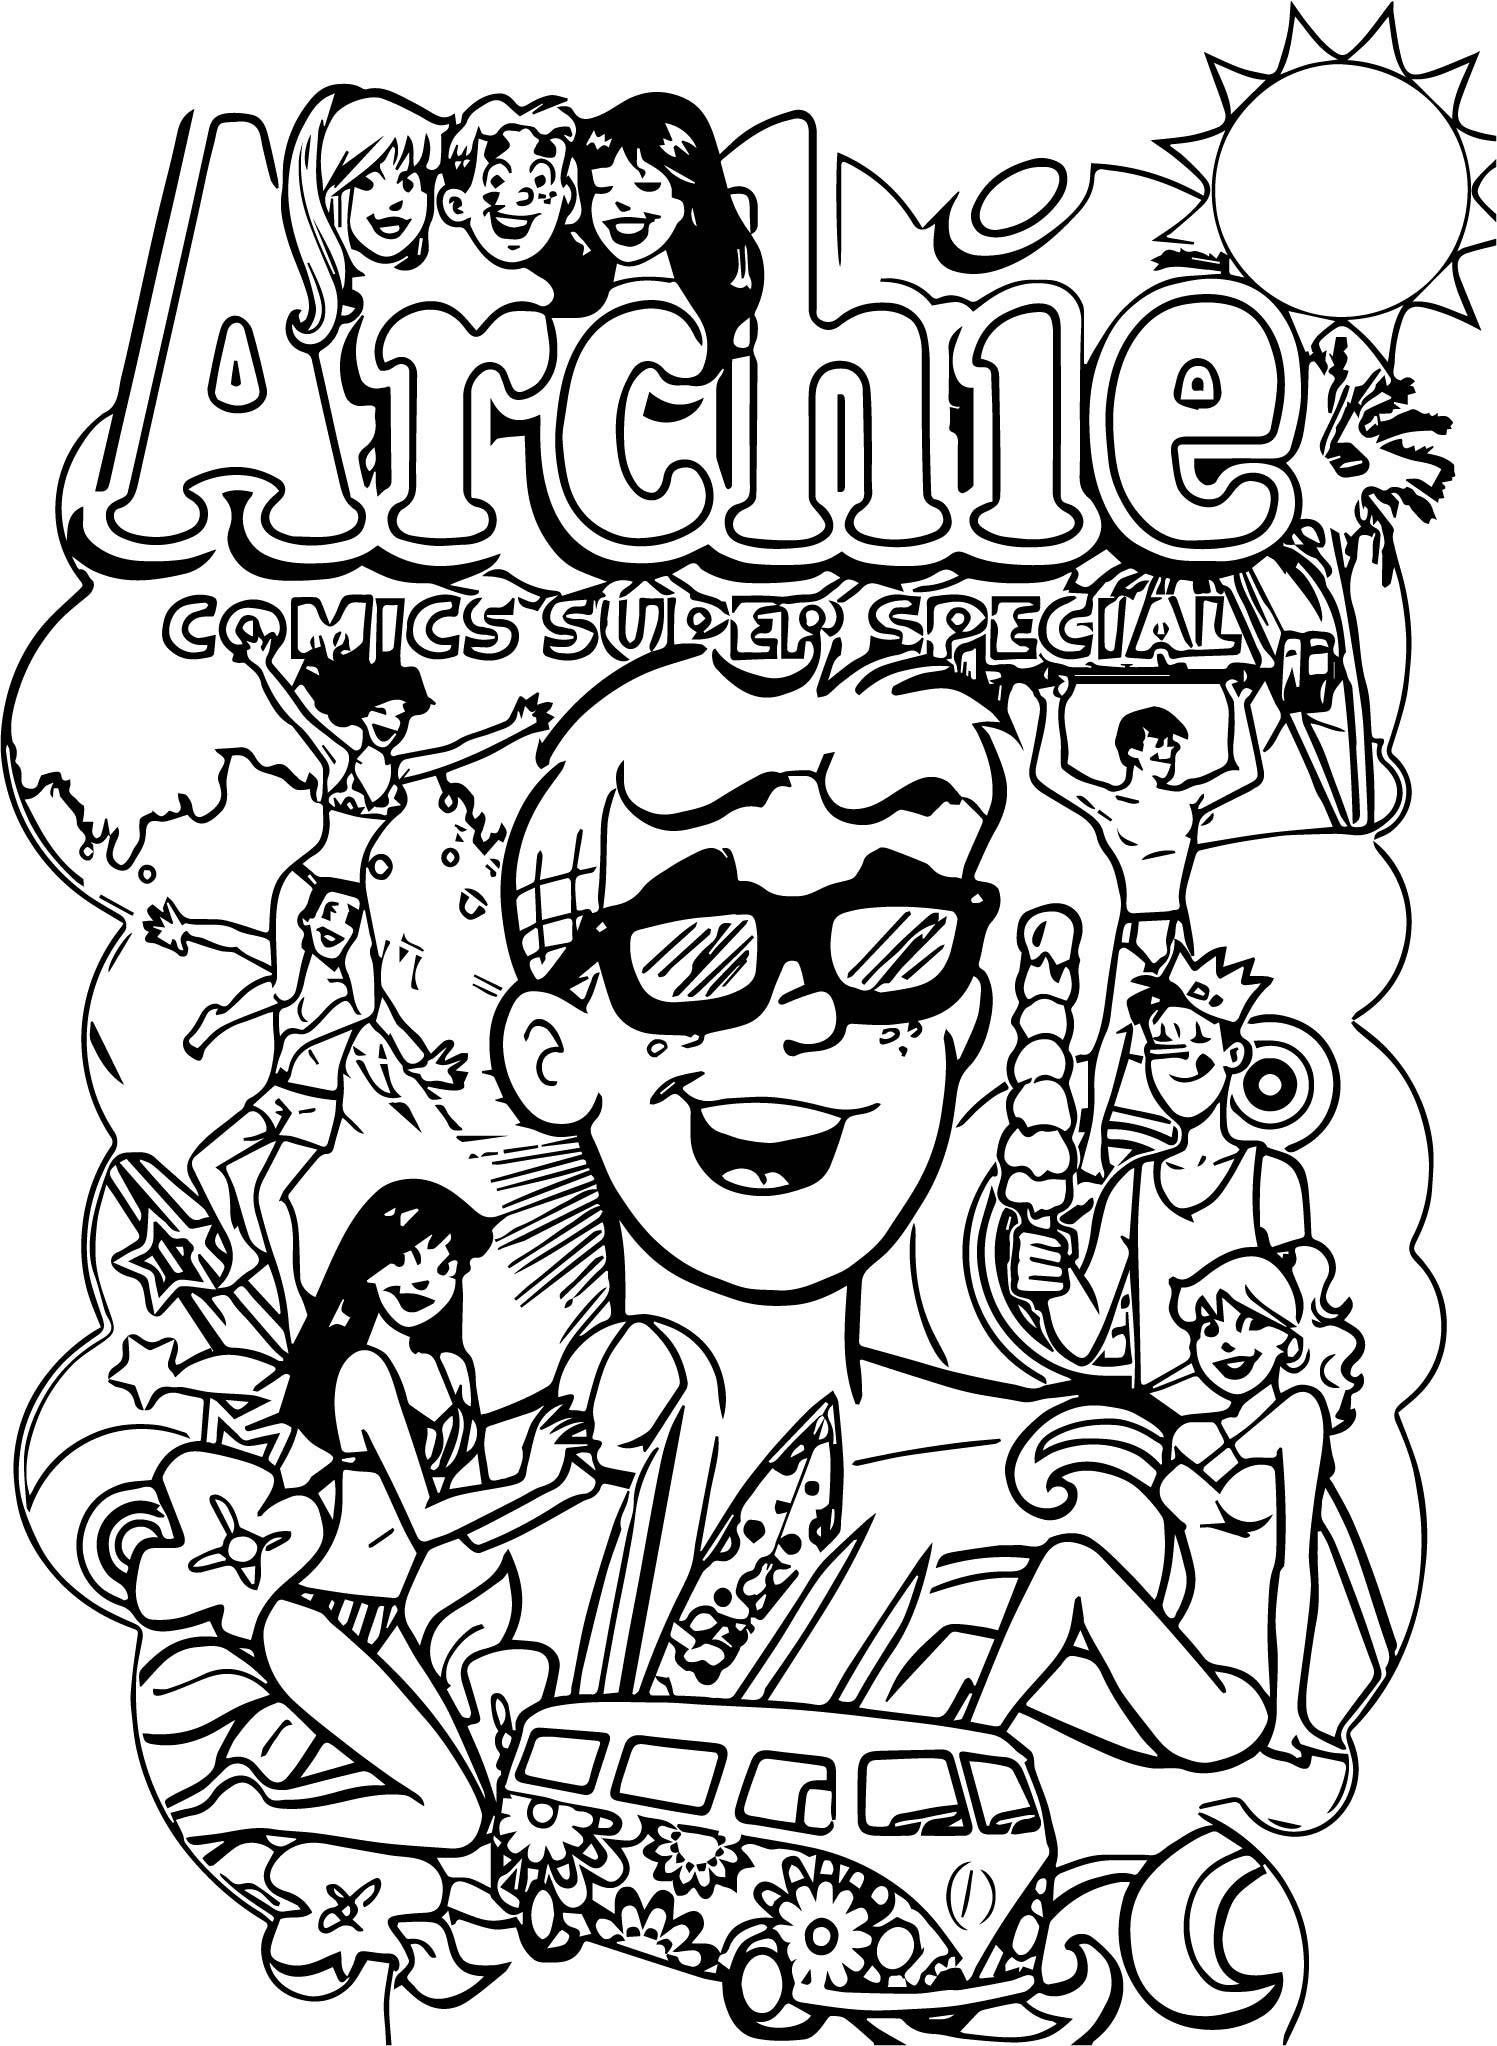 Archie Comics Hippie Coloring Page